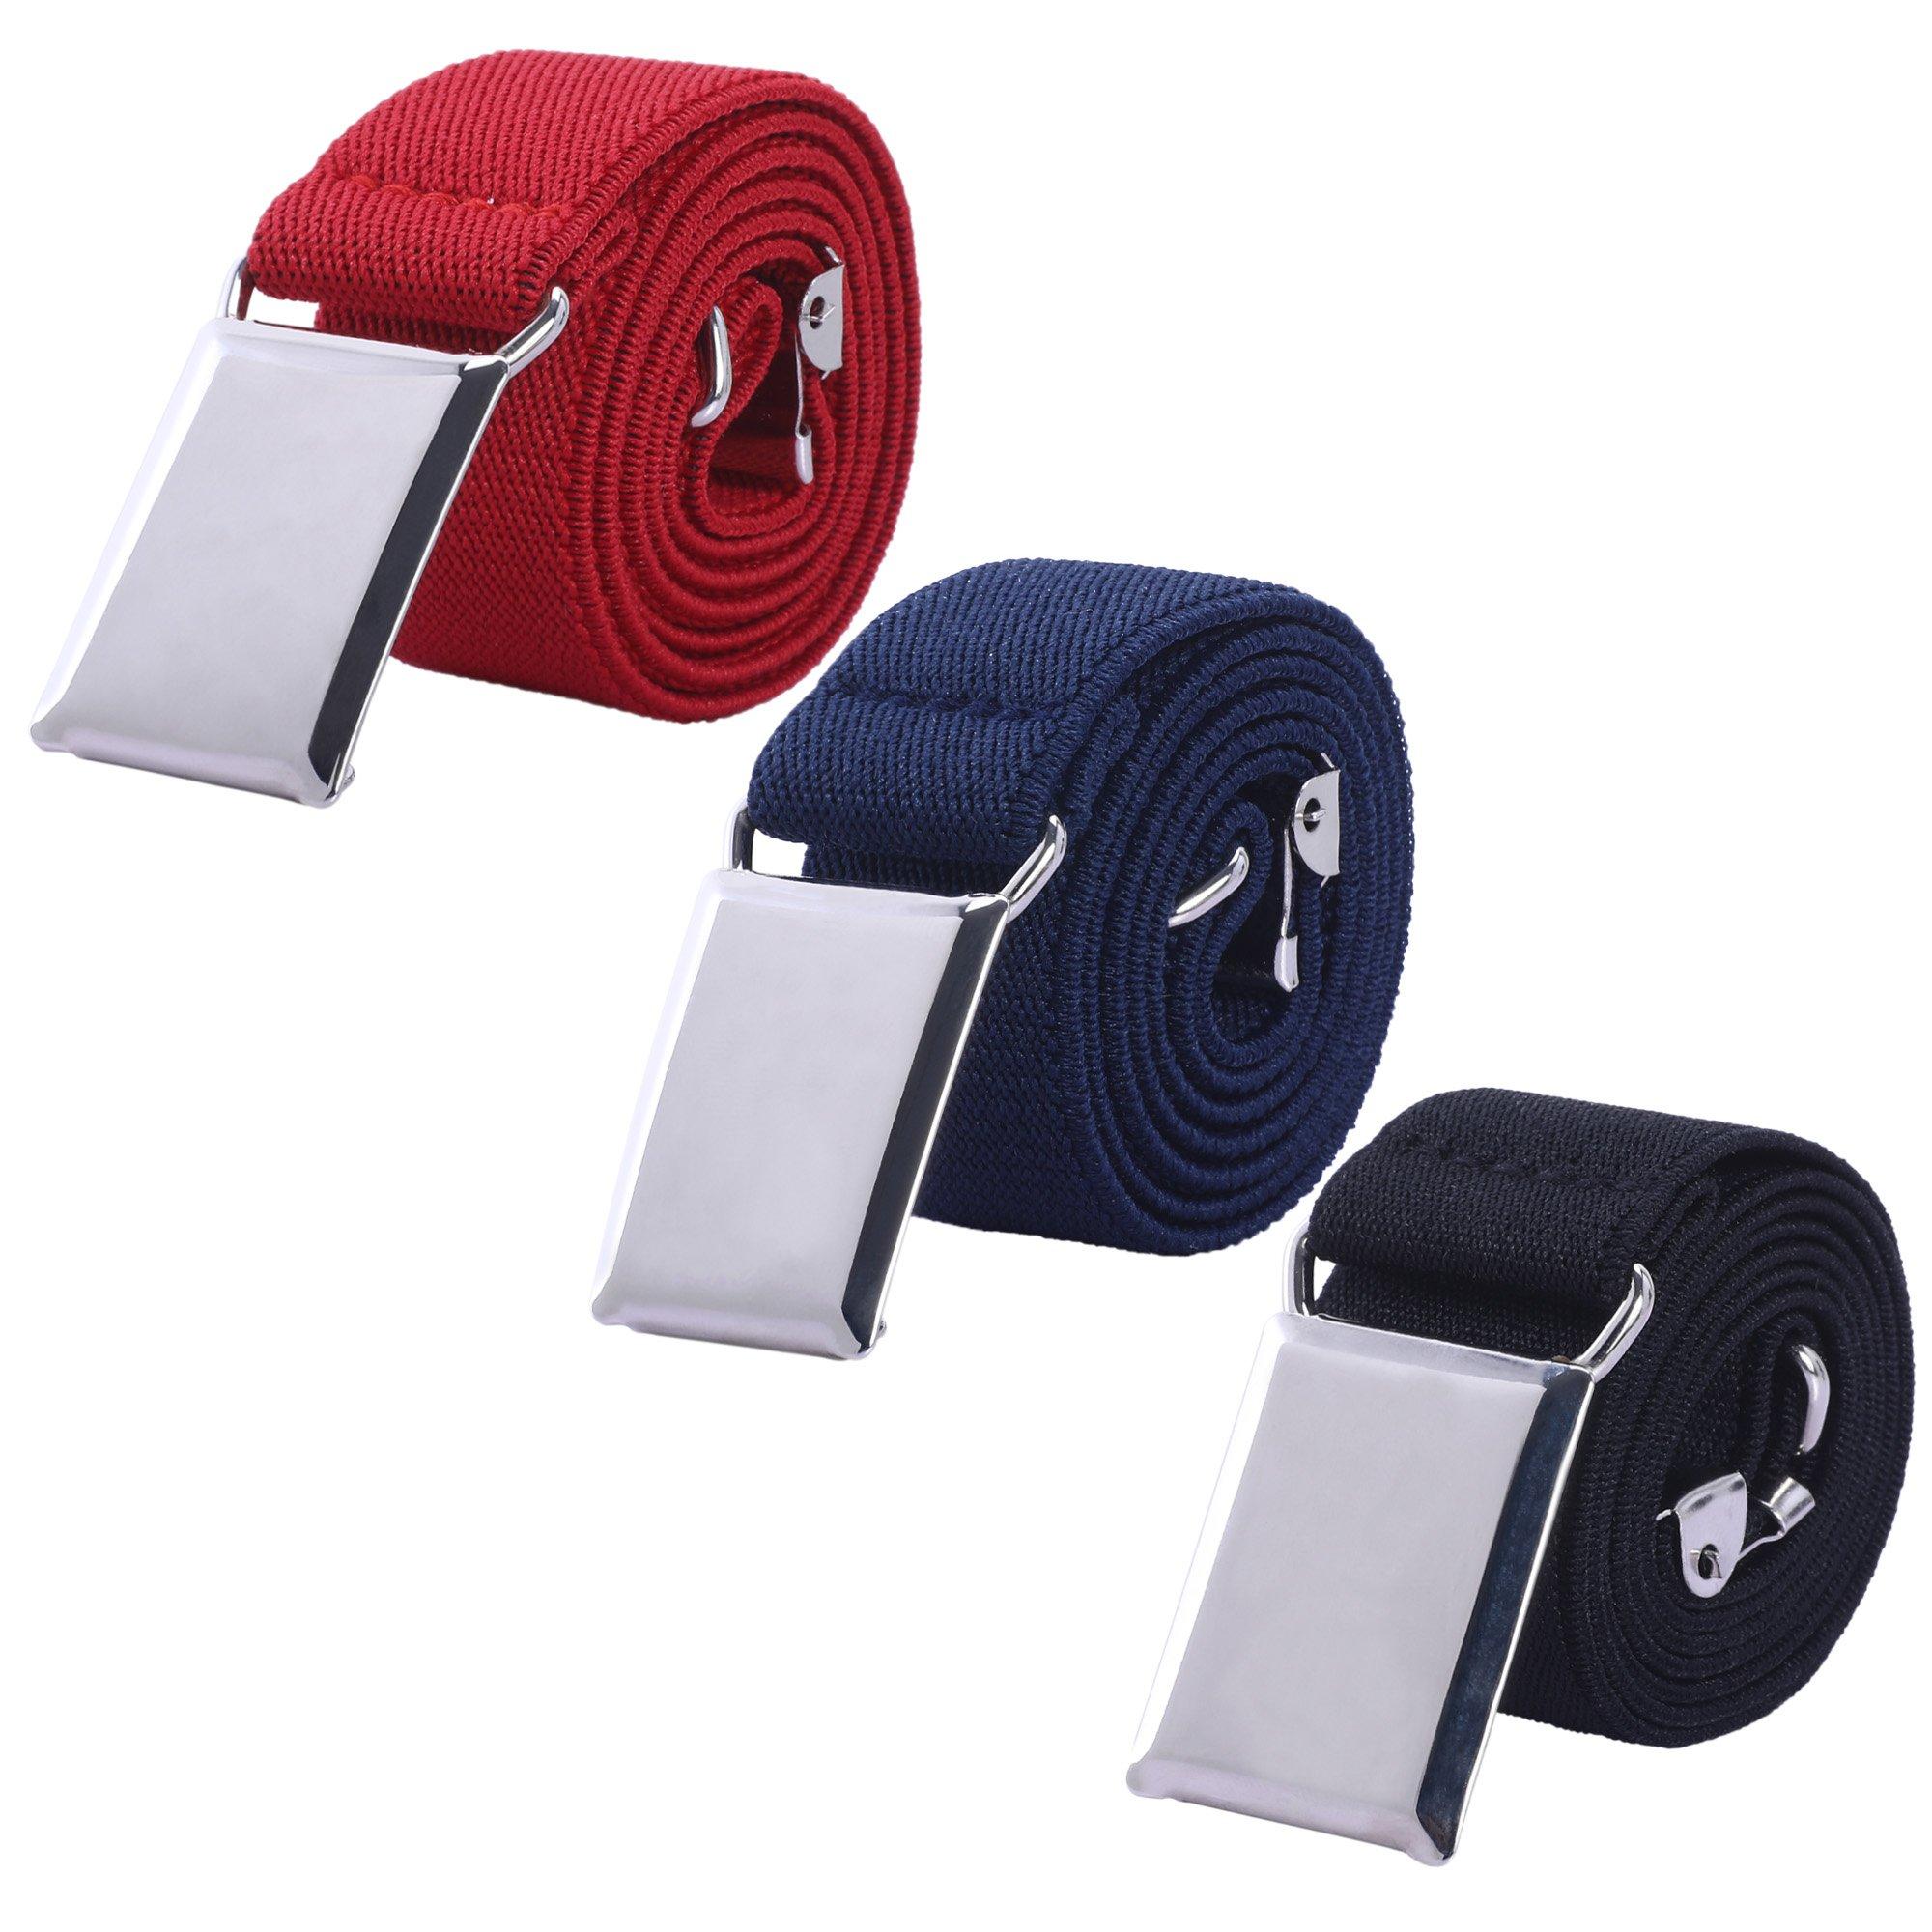 Toddler Boy Kids Buckle Belt - Adjustable Elastic Child Silver Buckle Belts for Girls, 3 Pieces (Red/Navy blue/Black)